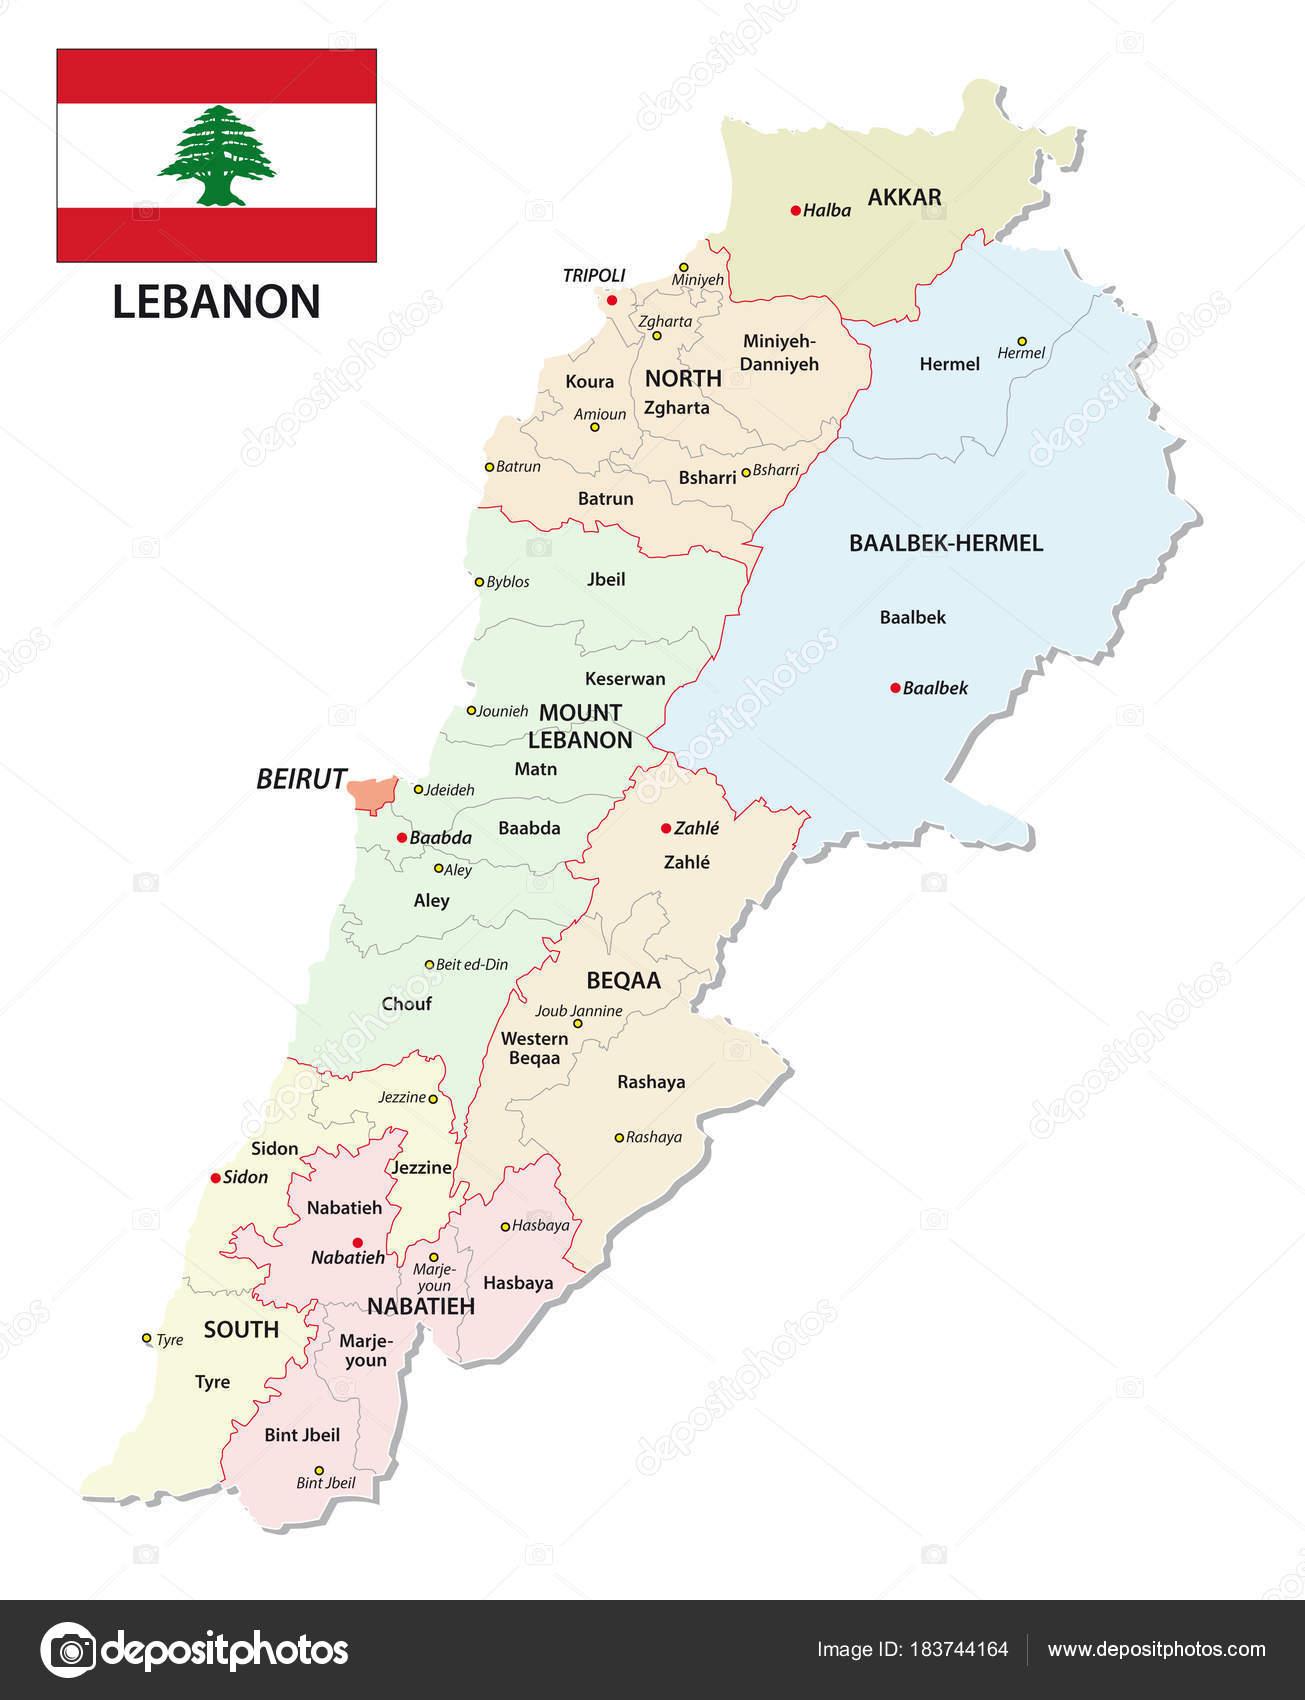 libanon karta Detaljerade Libanon Administrativa Och Politiska Vektor Karta Med  libanon karta